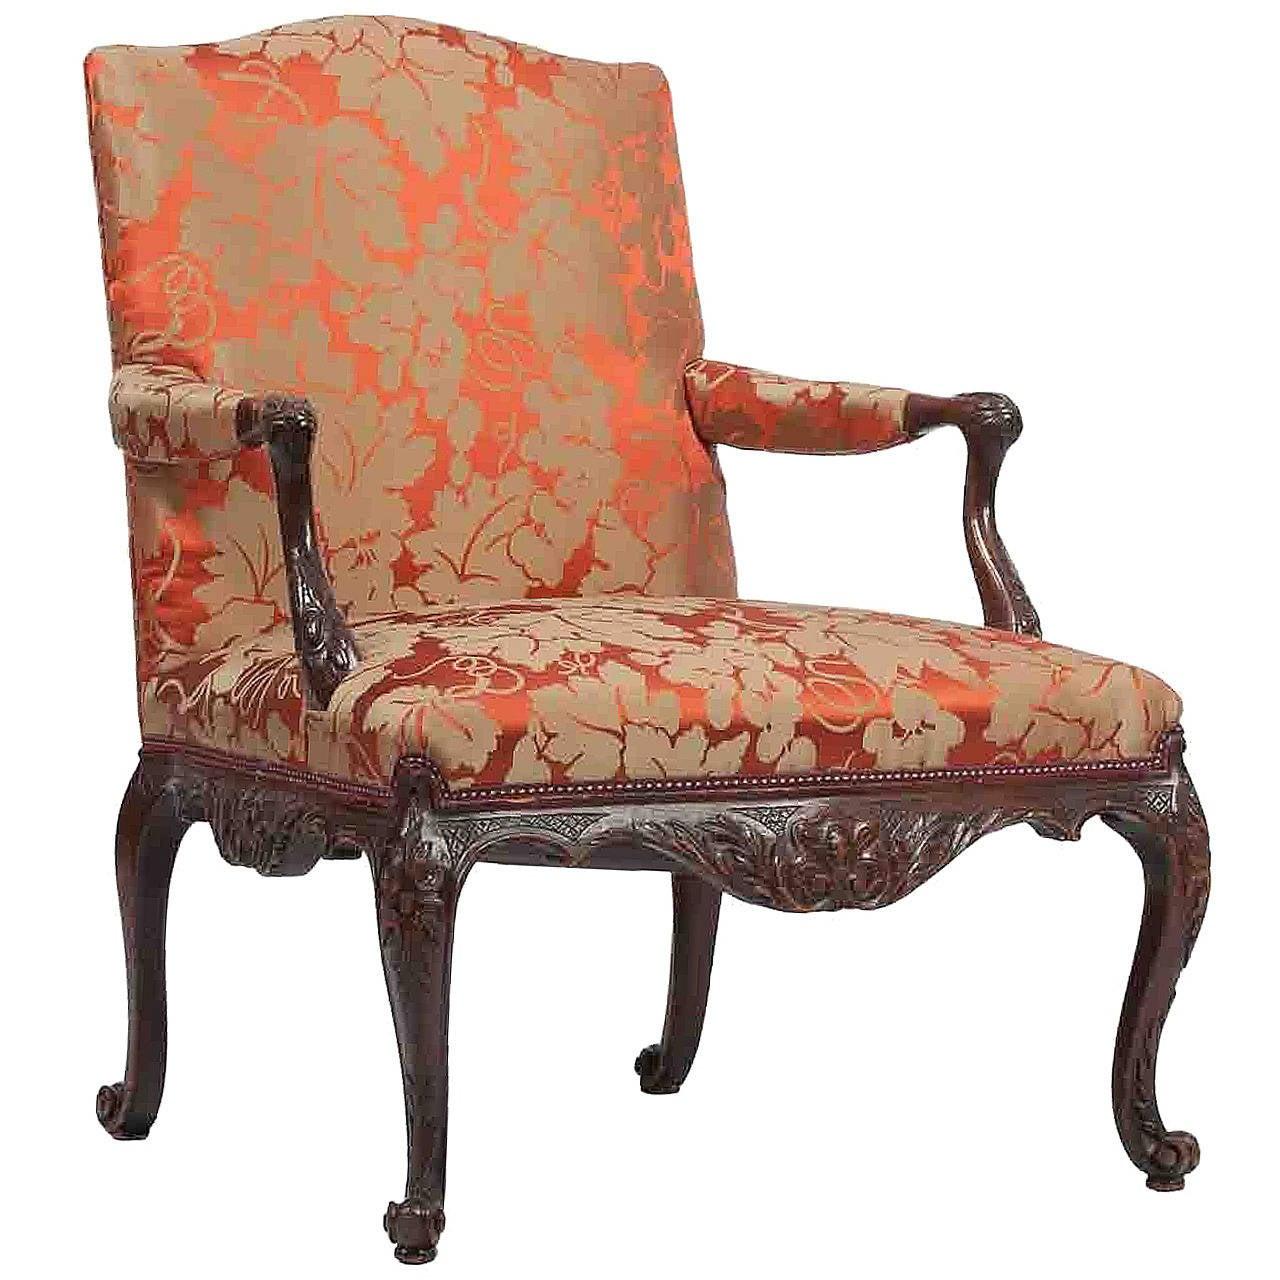 Ordinaire 18th Century Mahogany Library Chair